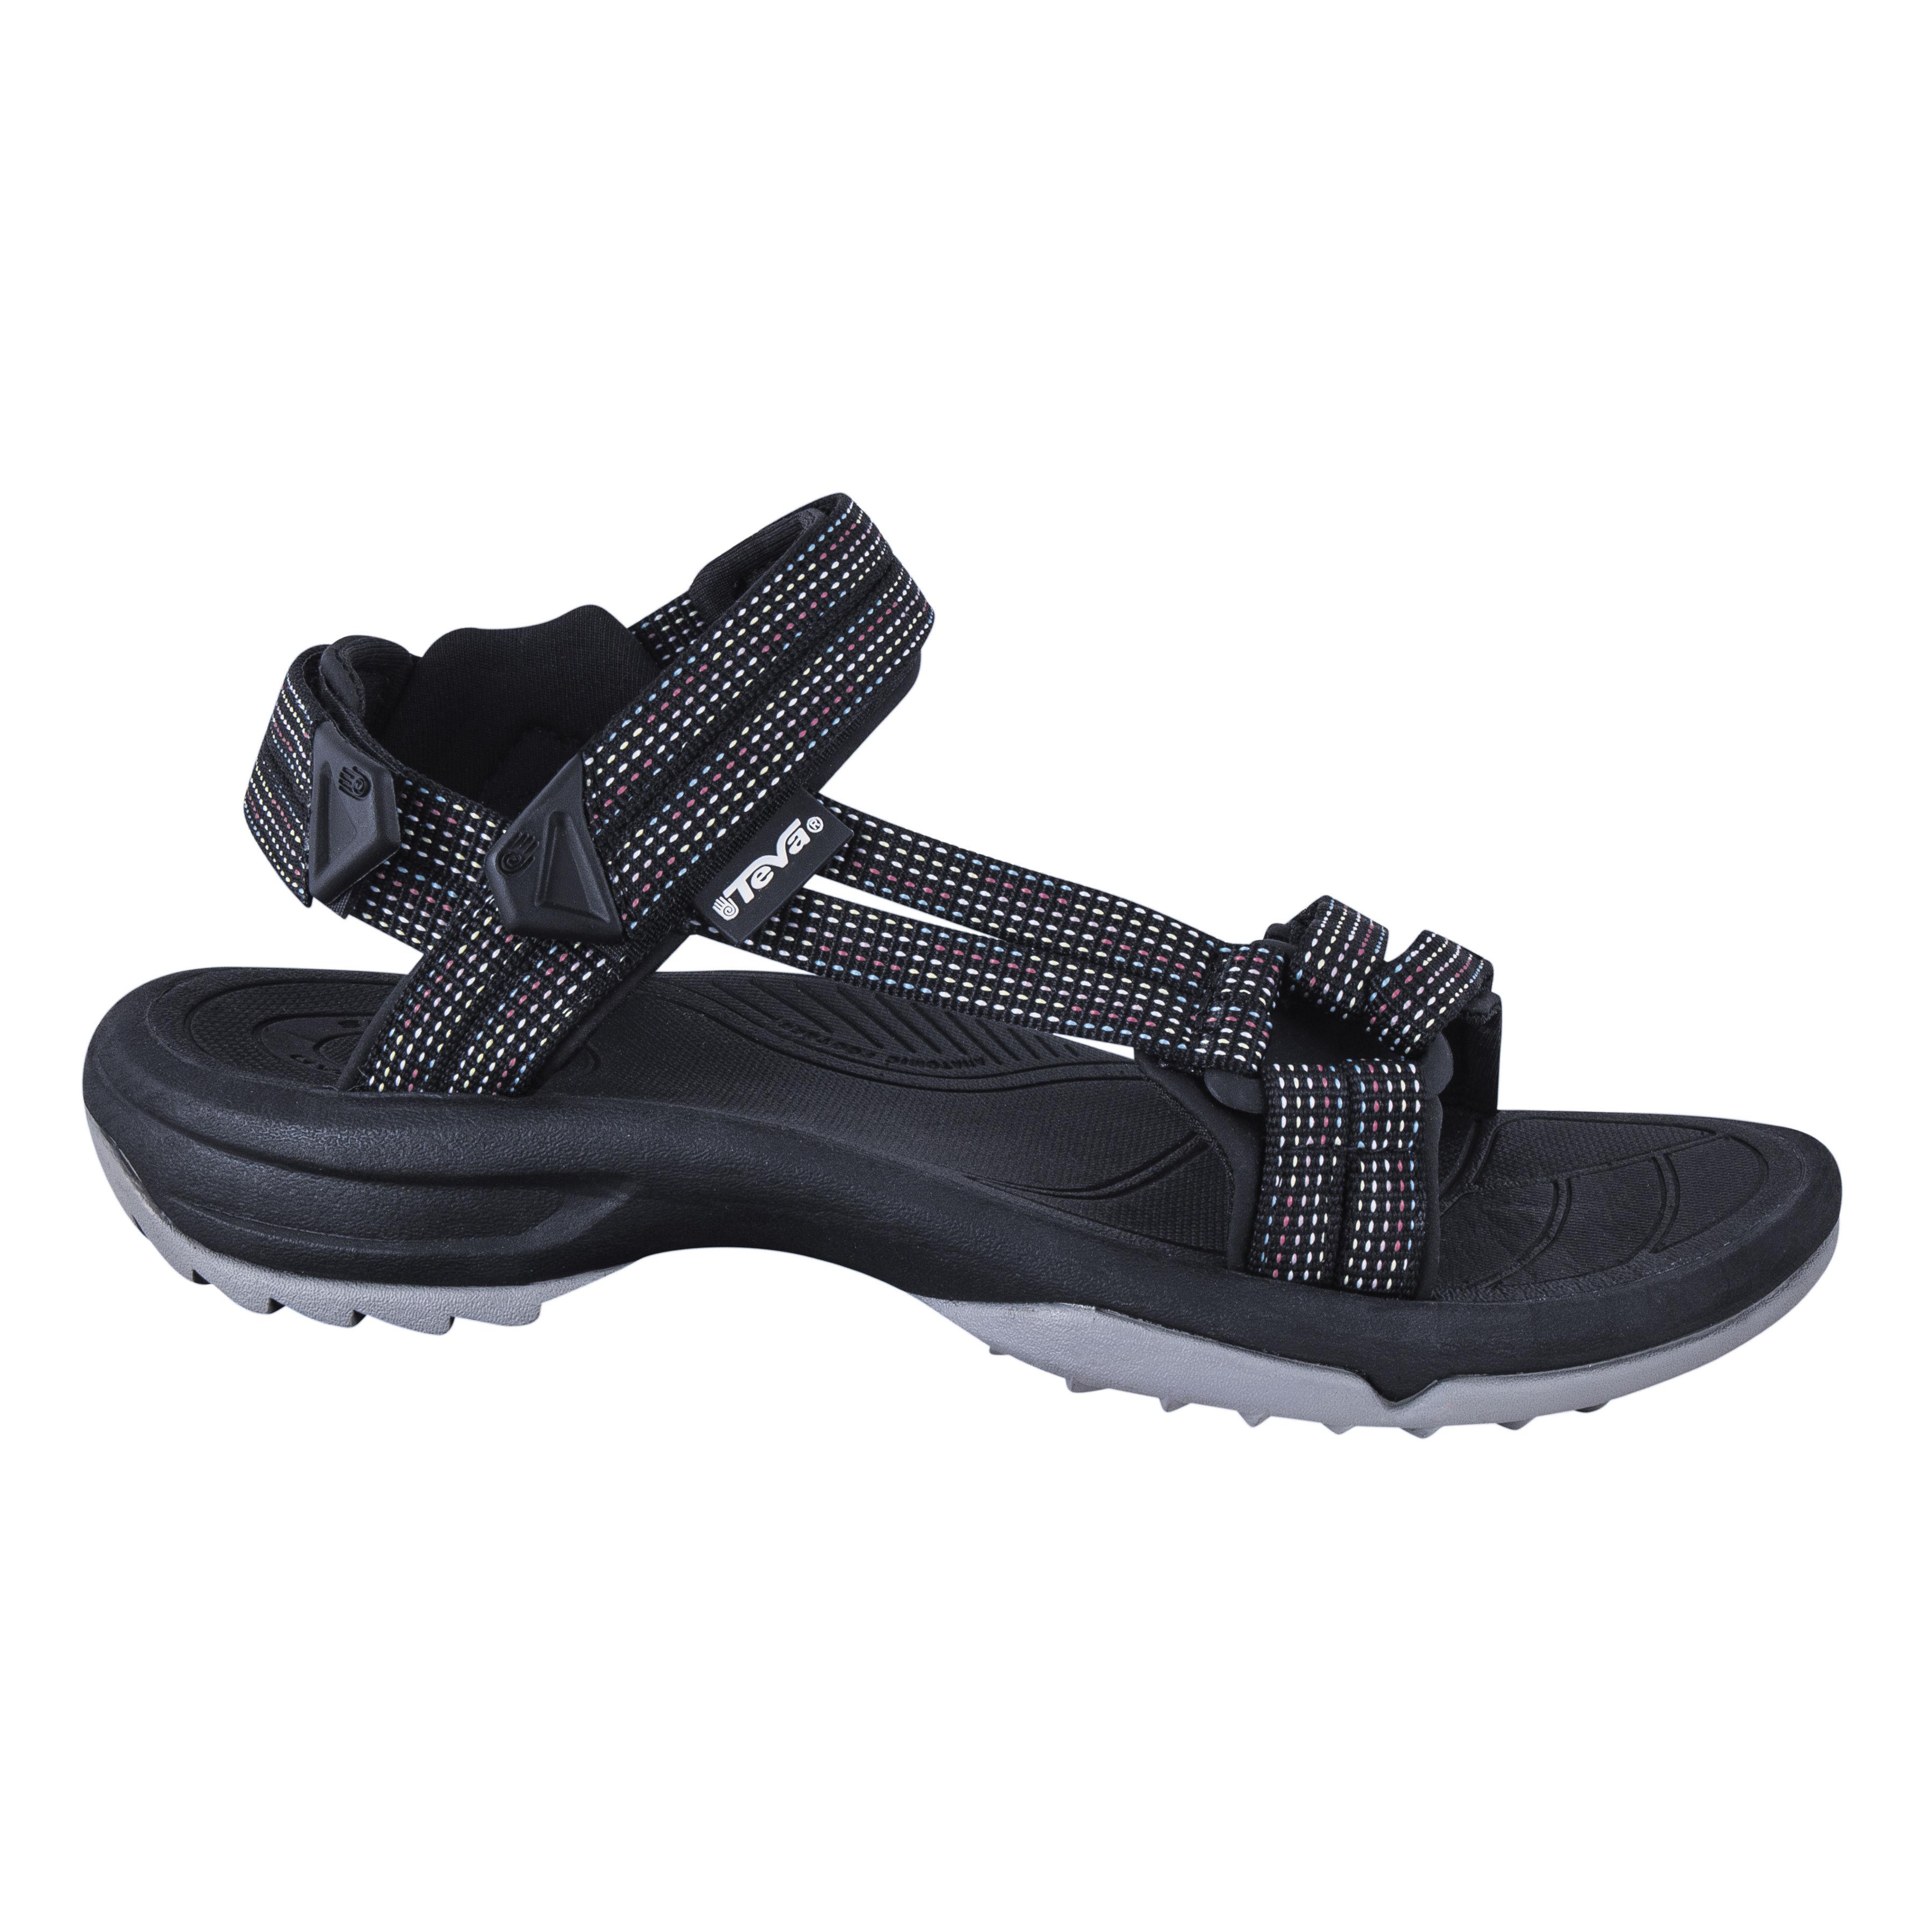 sports shoes 20847 06a75 TEVA Sandale Terra Fi Lite Damen schwarz